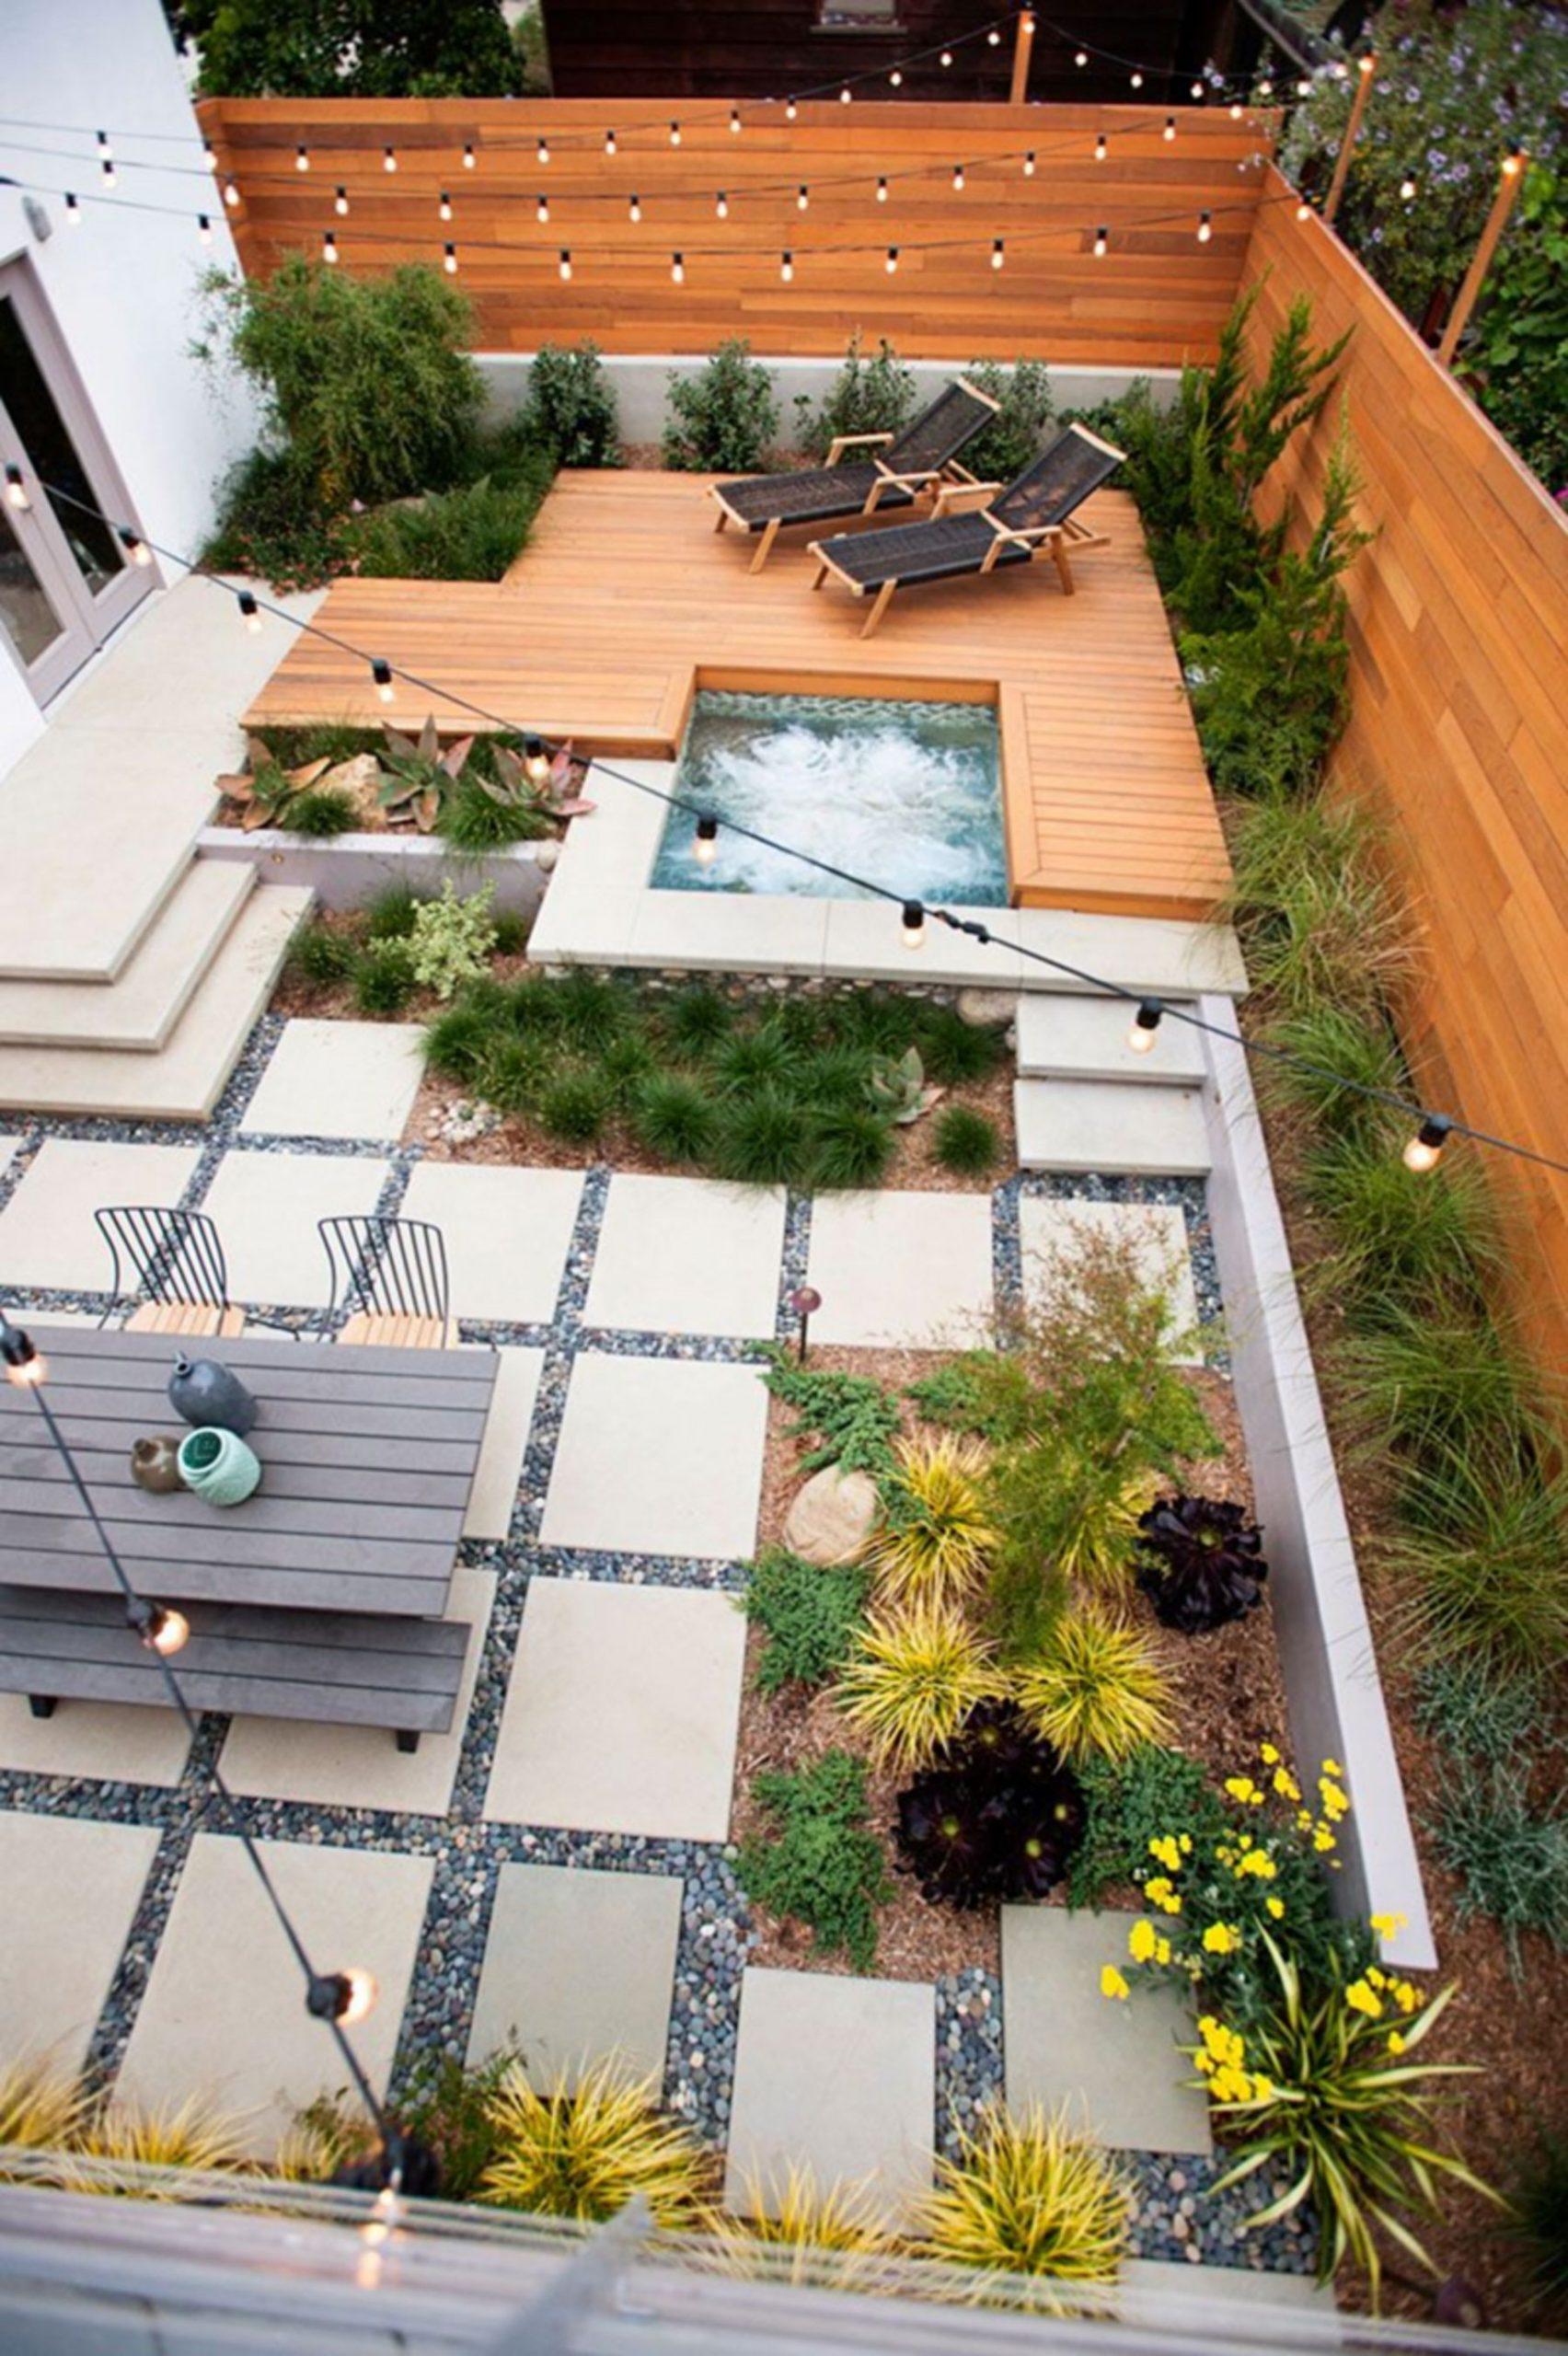 Épinglé Par Fabienne Verholen Sur Exteriors   Décoration ... serapportantà Modeles Jardins Avec Galets